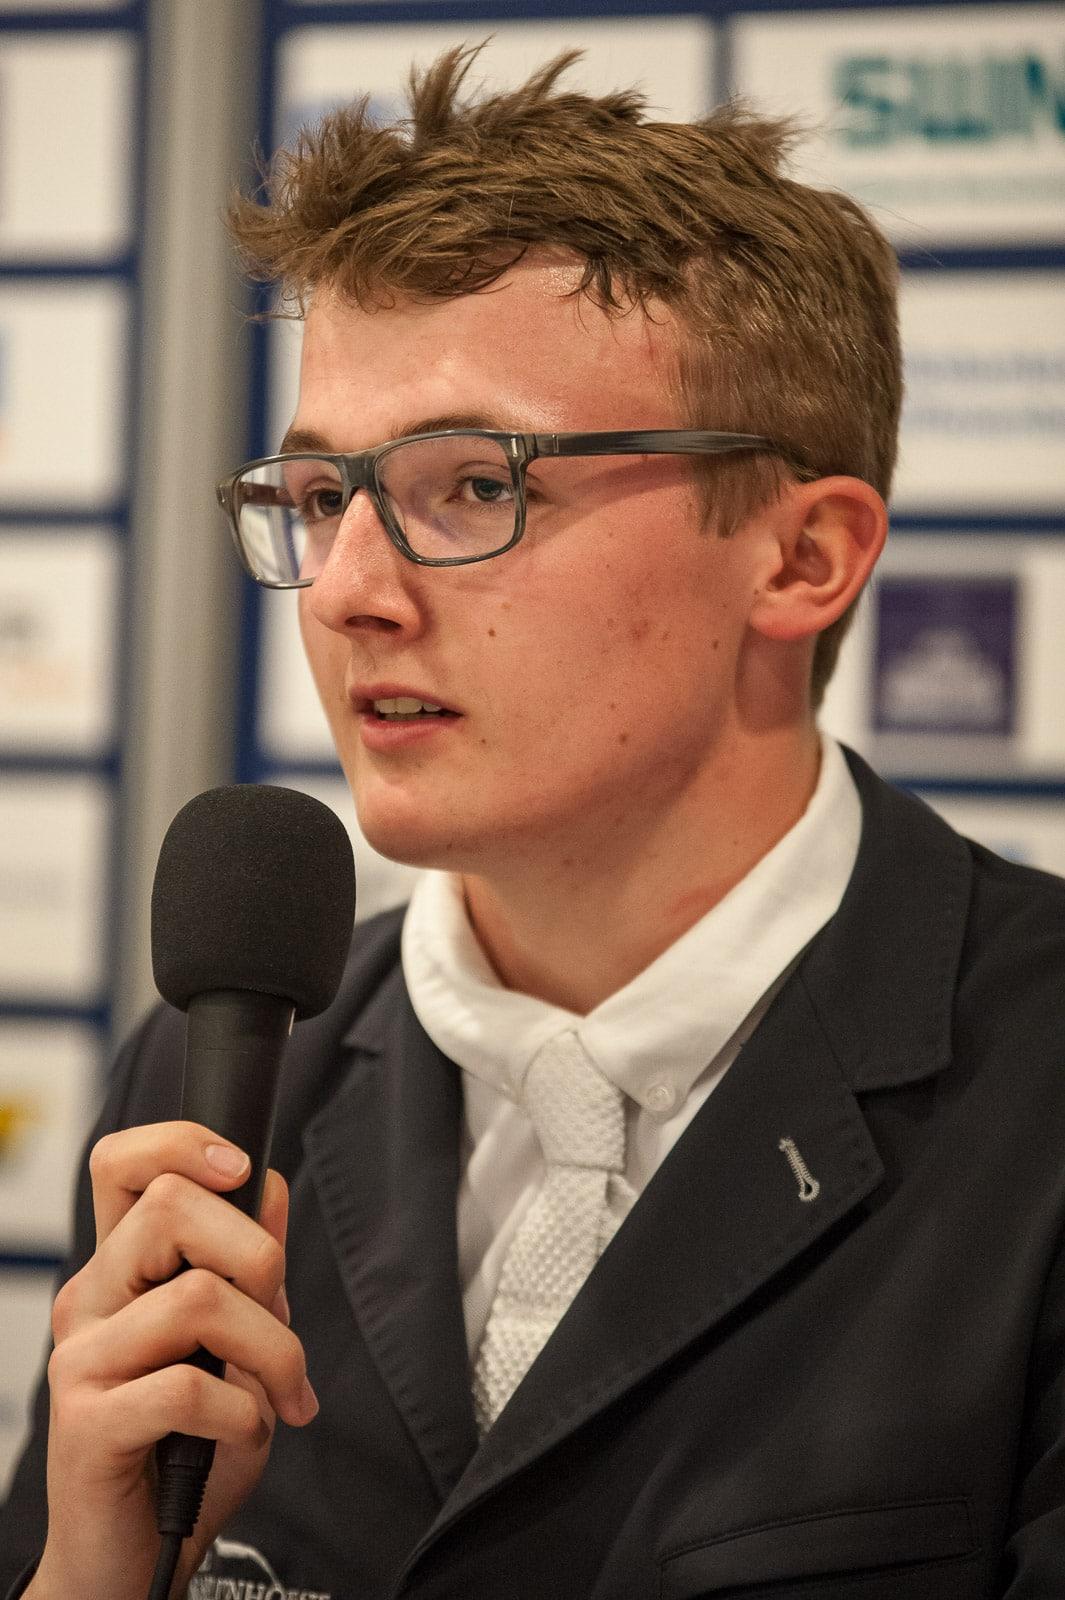 Max Haunhorst